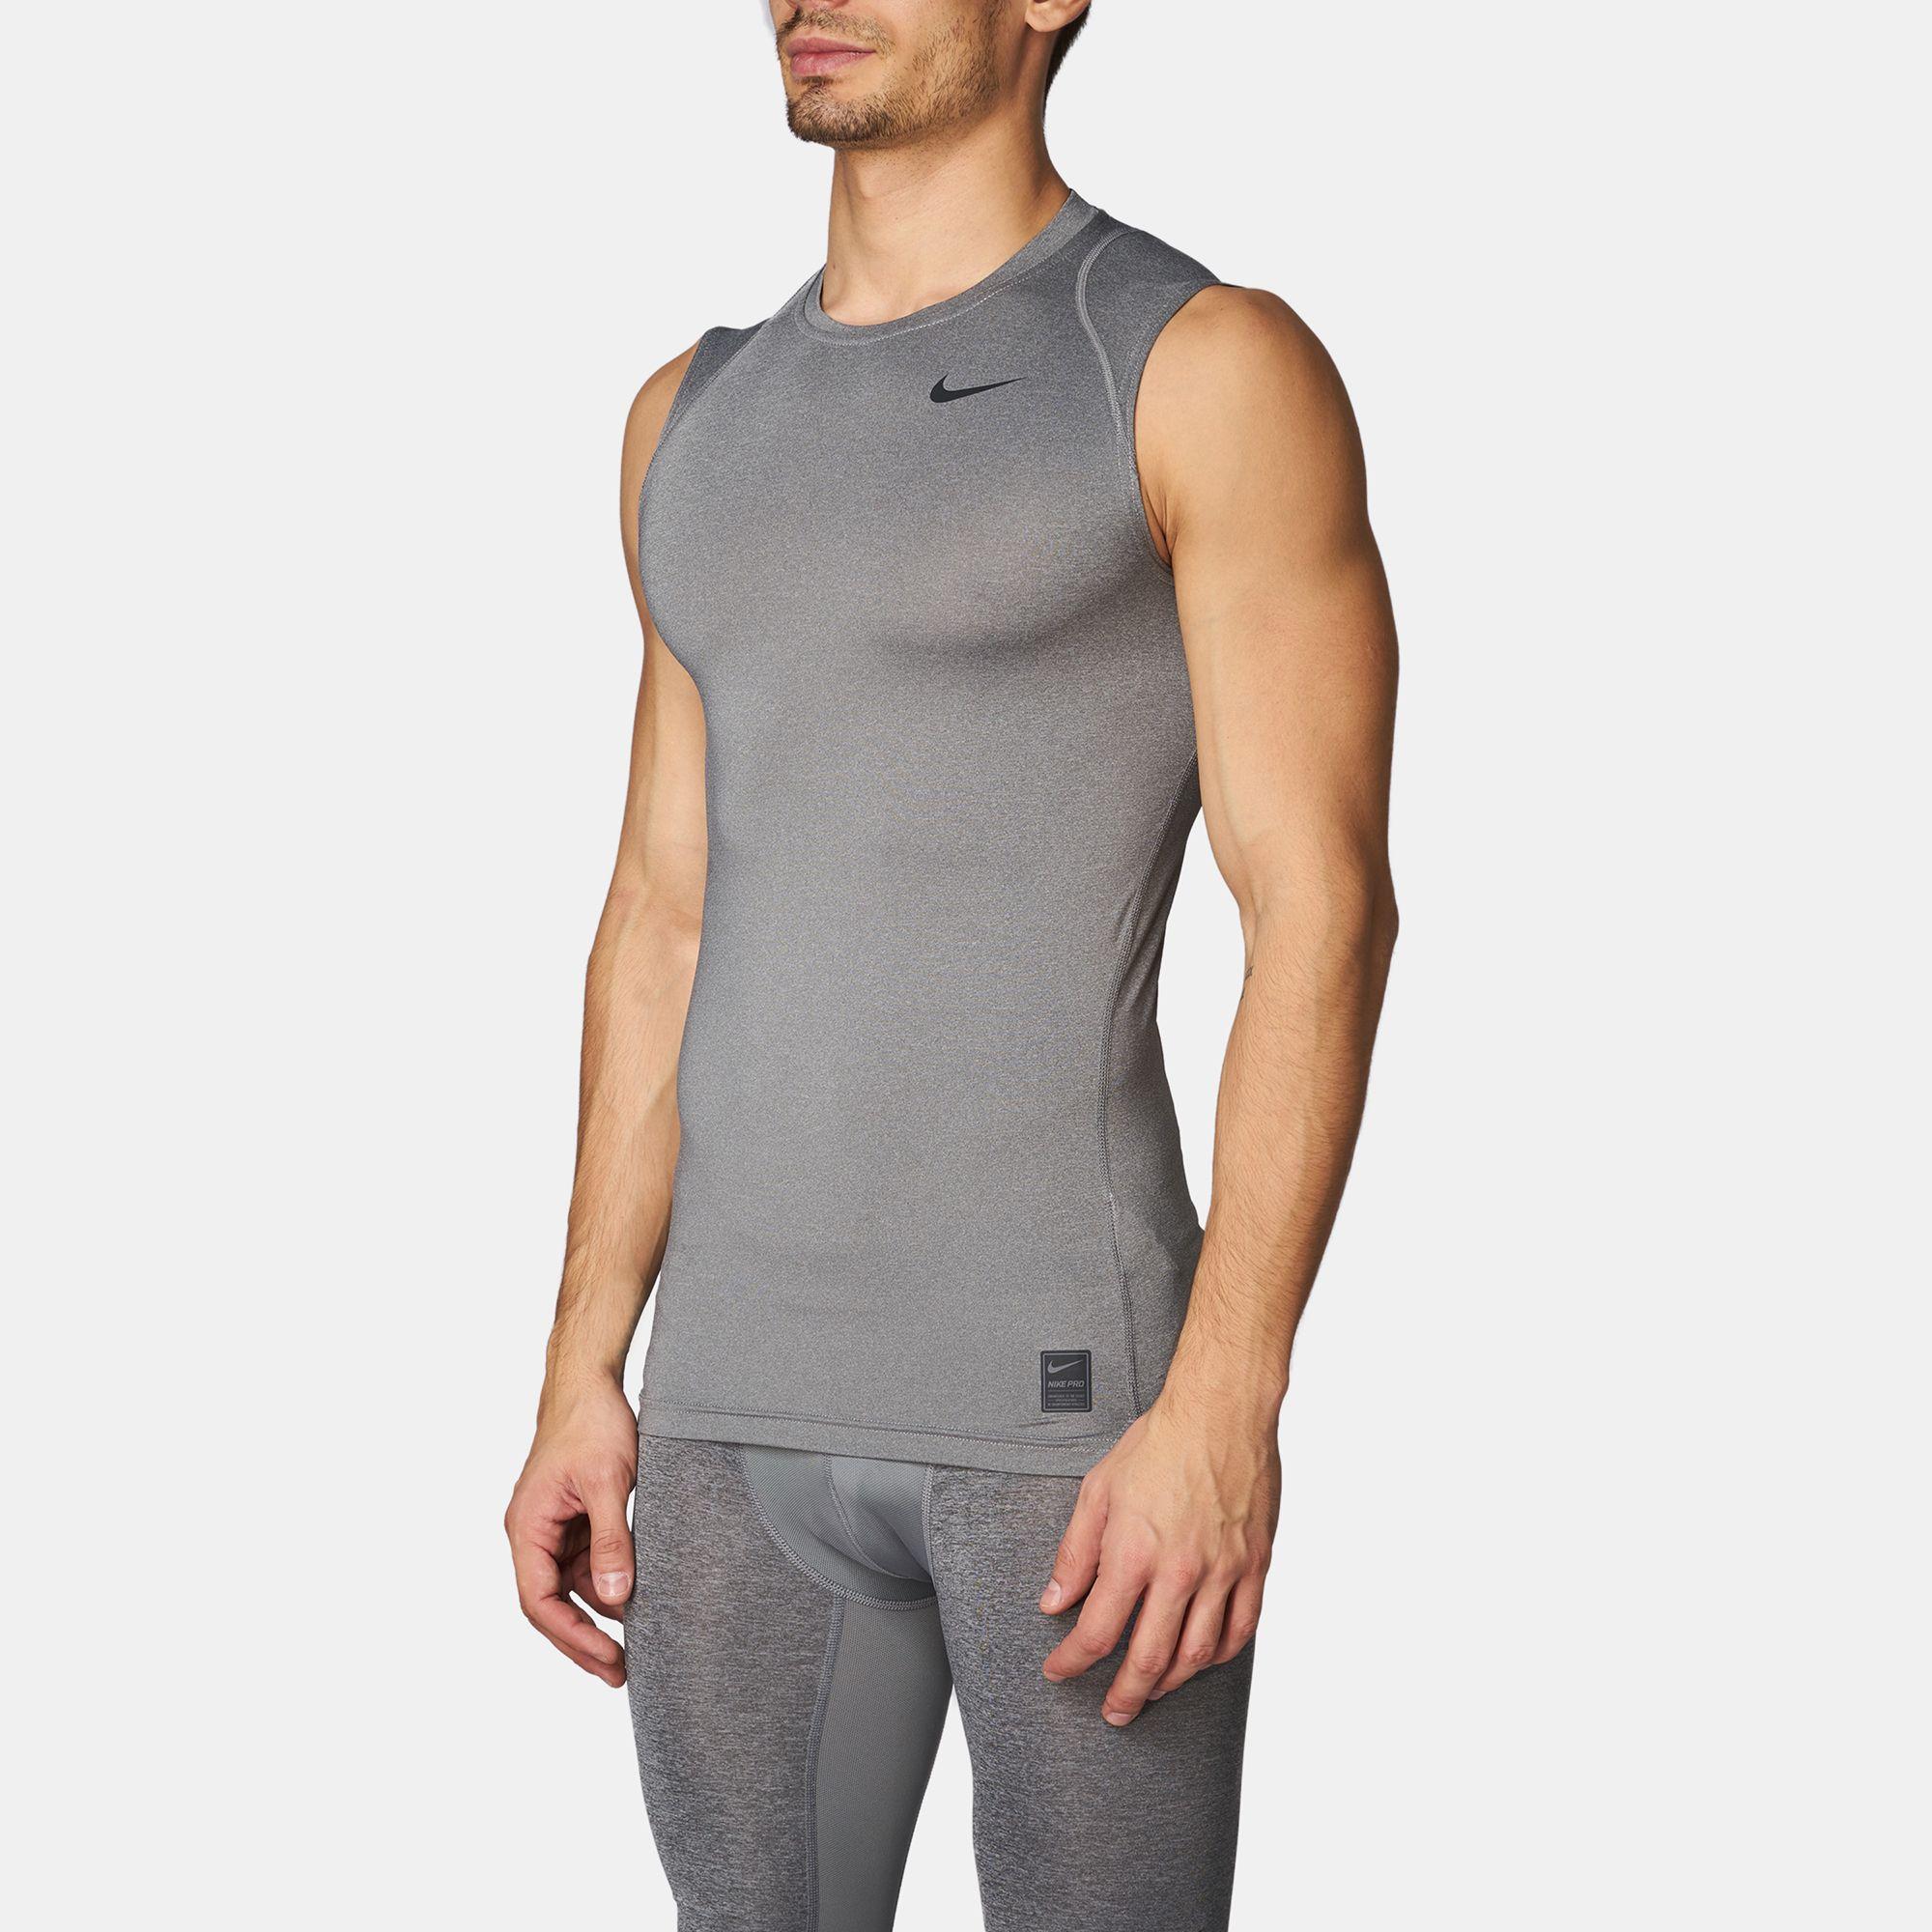 3d24819c1f2966 Nike Pro Core Sleeveless T Shirt Mens - BCD Tofu House